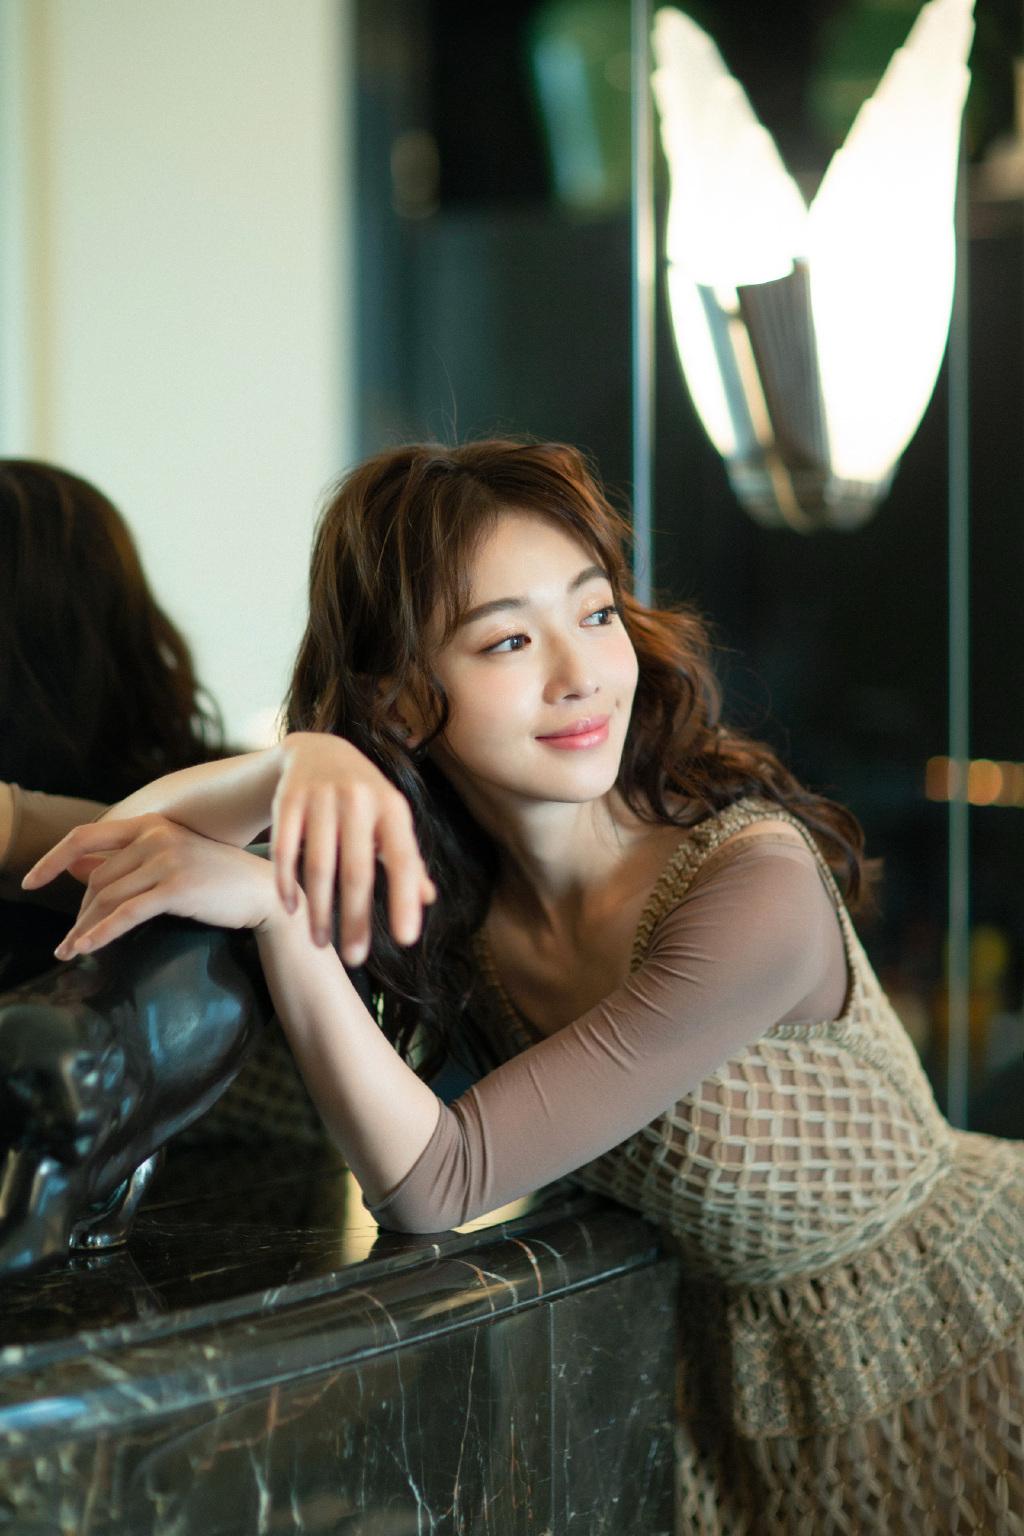 女演员吴谨言复古摩登性感写真 娱乐头条 第2张